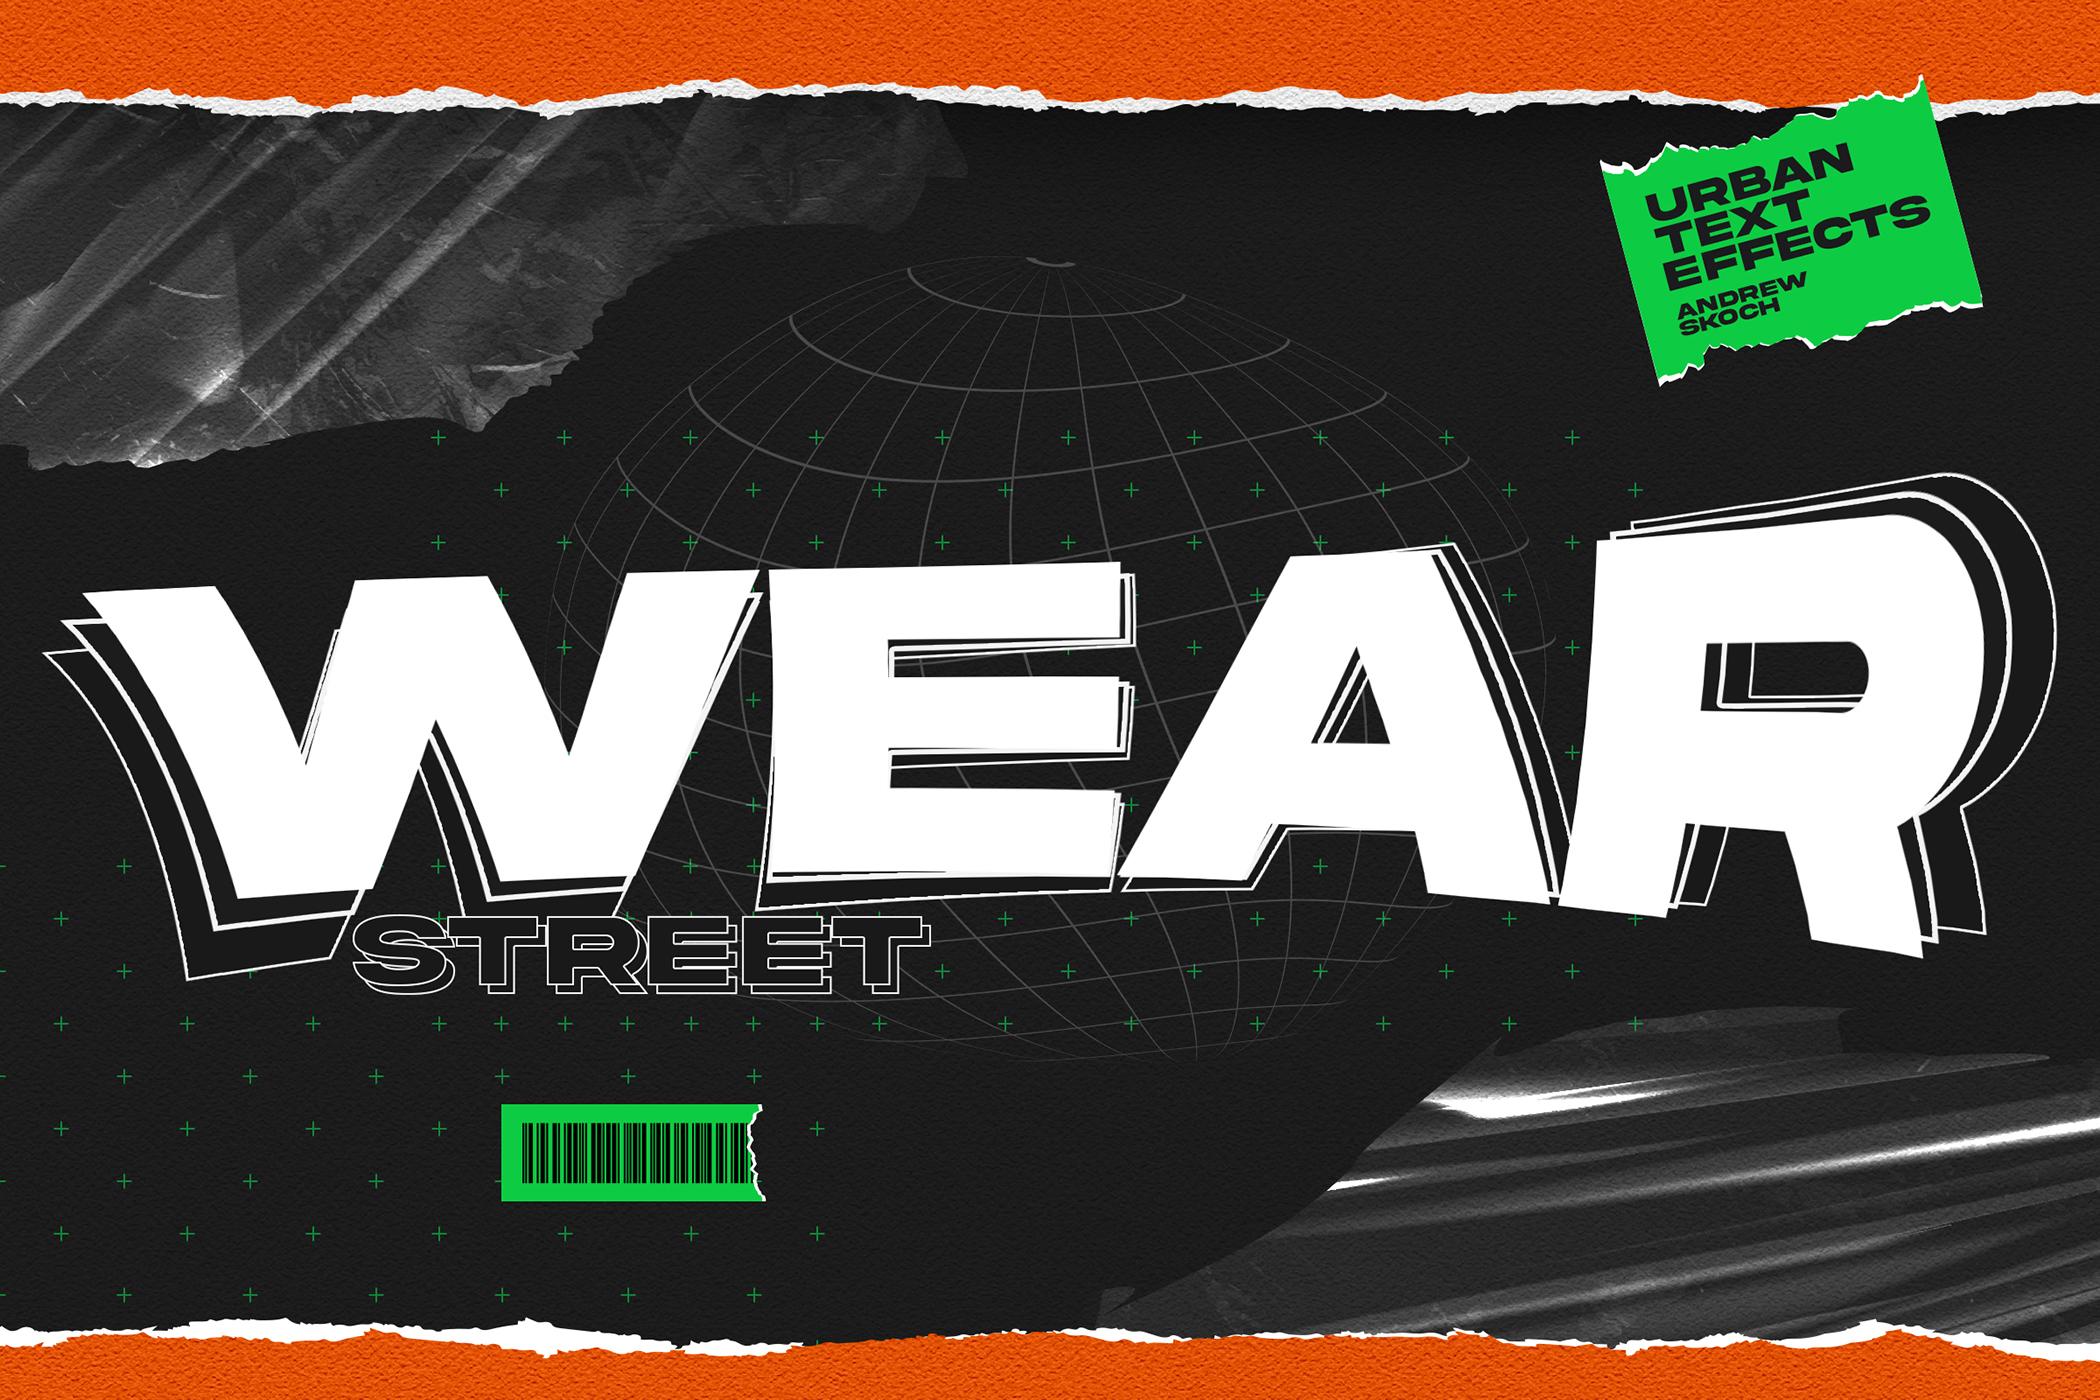 潮流城市风海报标题徽标Logo设计PS样式模板素材 Urban Text Effects插图5